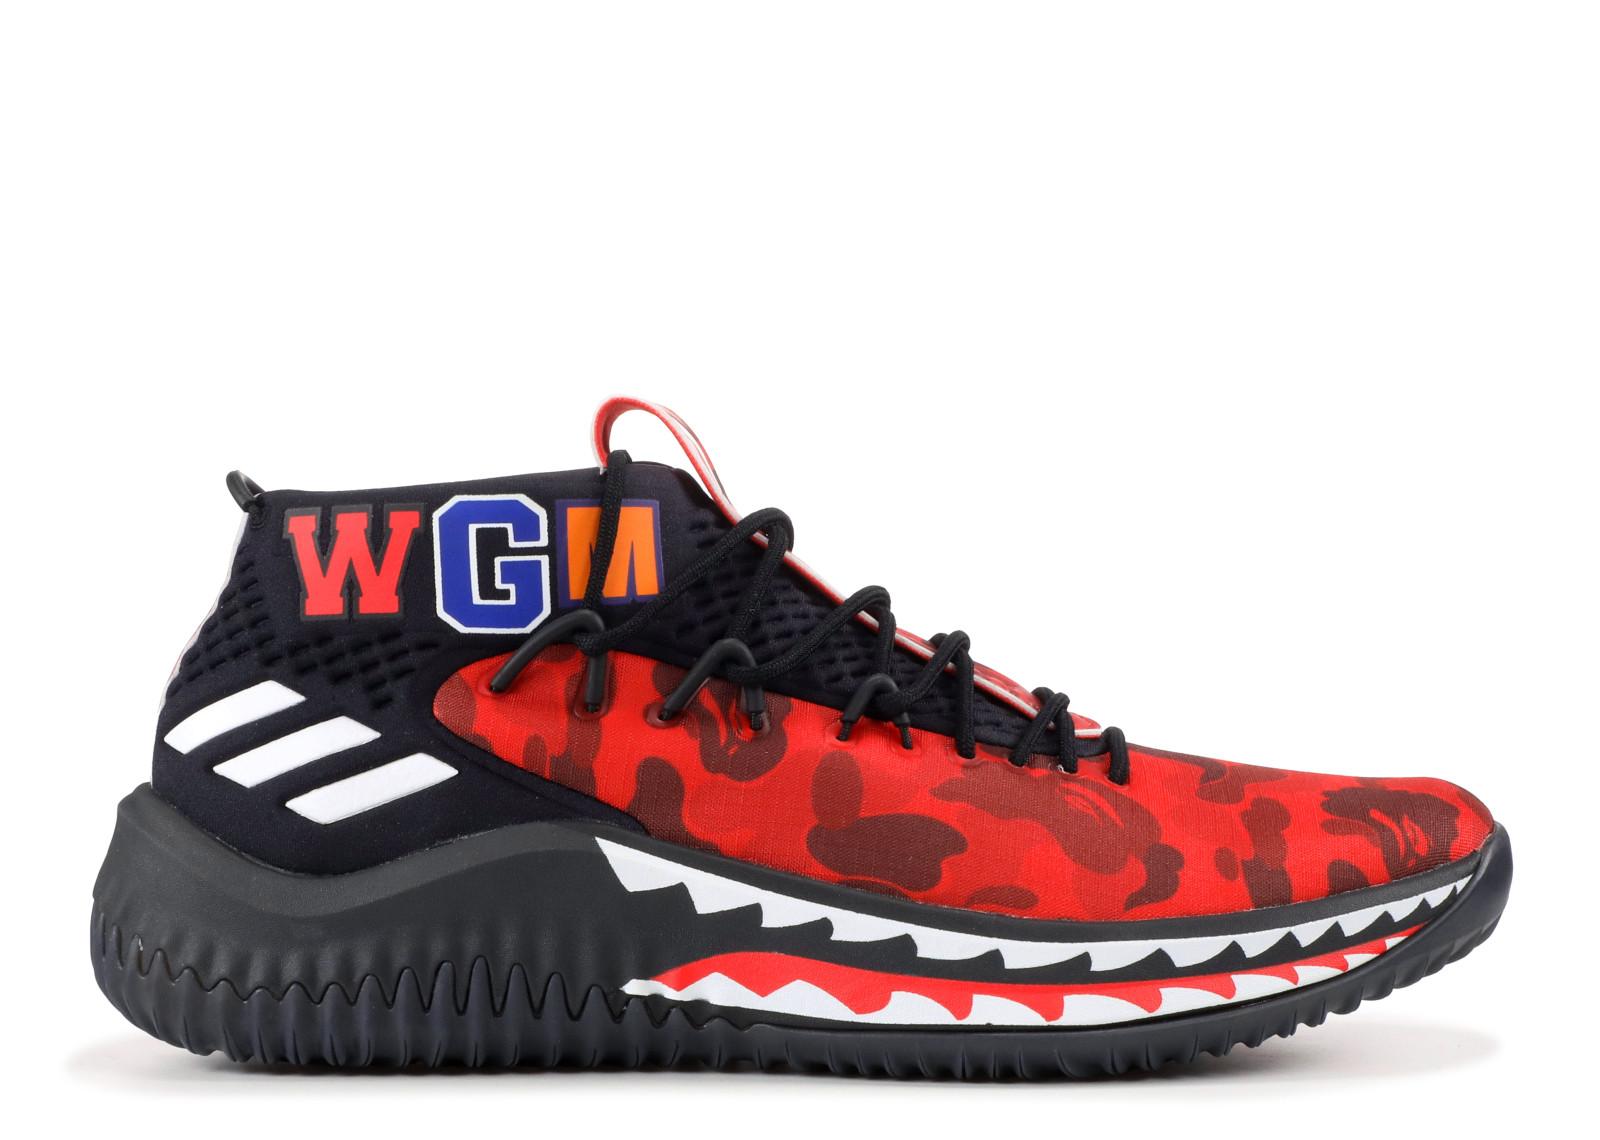 Adidas Bape Dame 4 Red Camo  9b1ca9afd